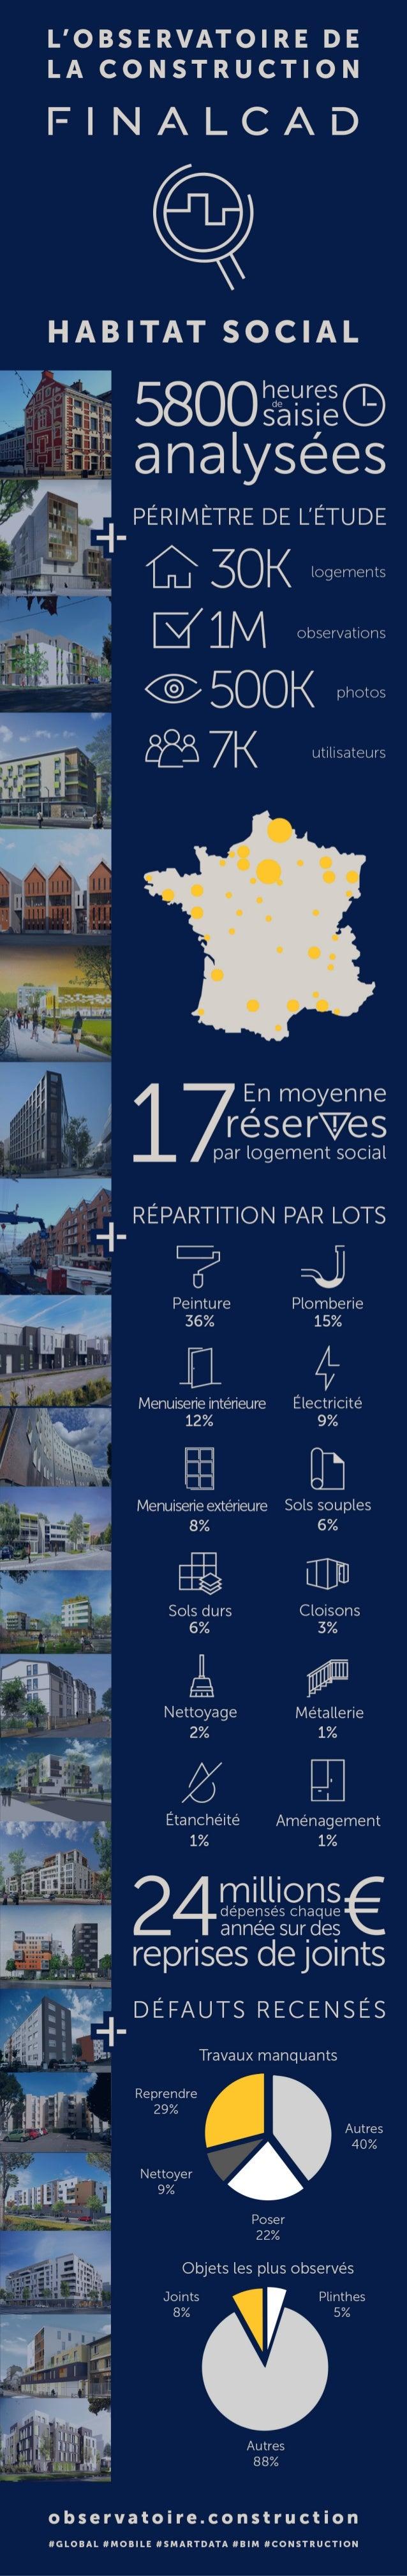 Observatoire de la Construction FINALCAD : Habitat Social (Infographie)